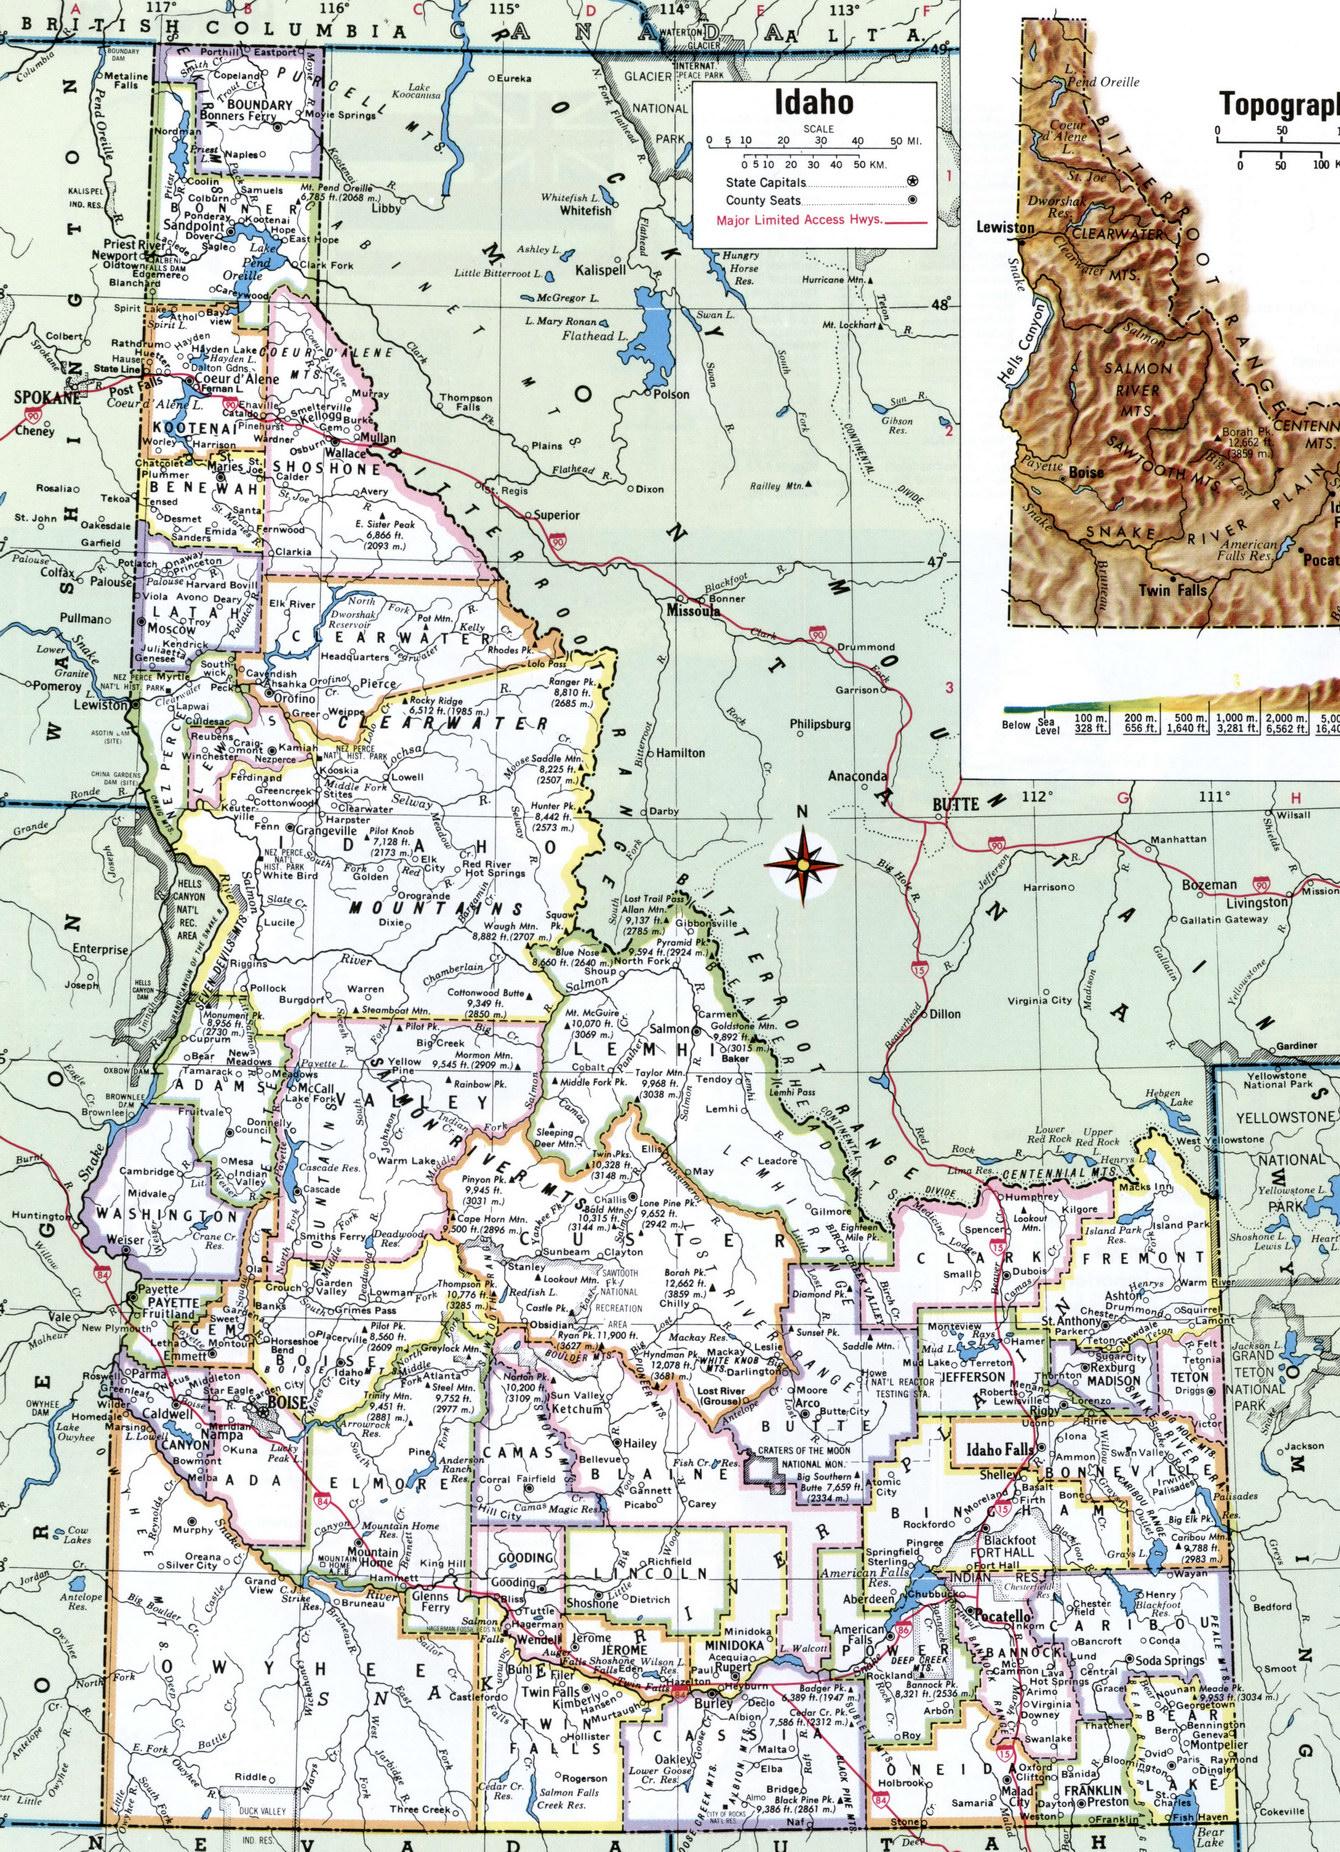 Idaho County - Idaho county map